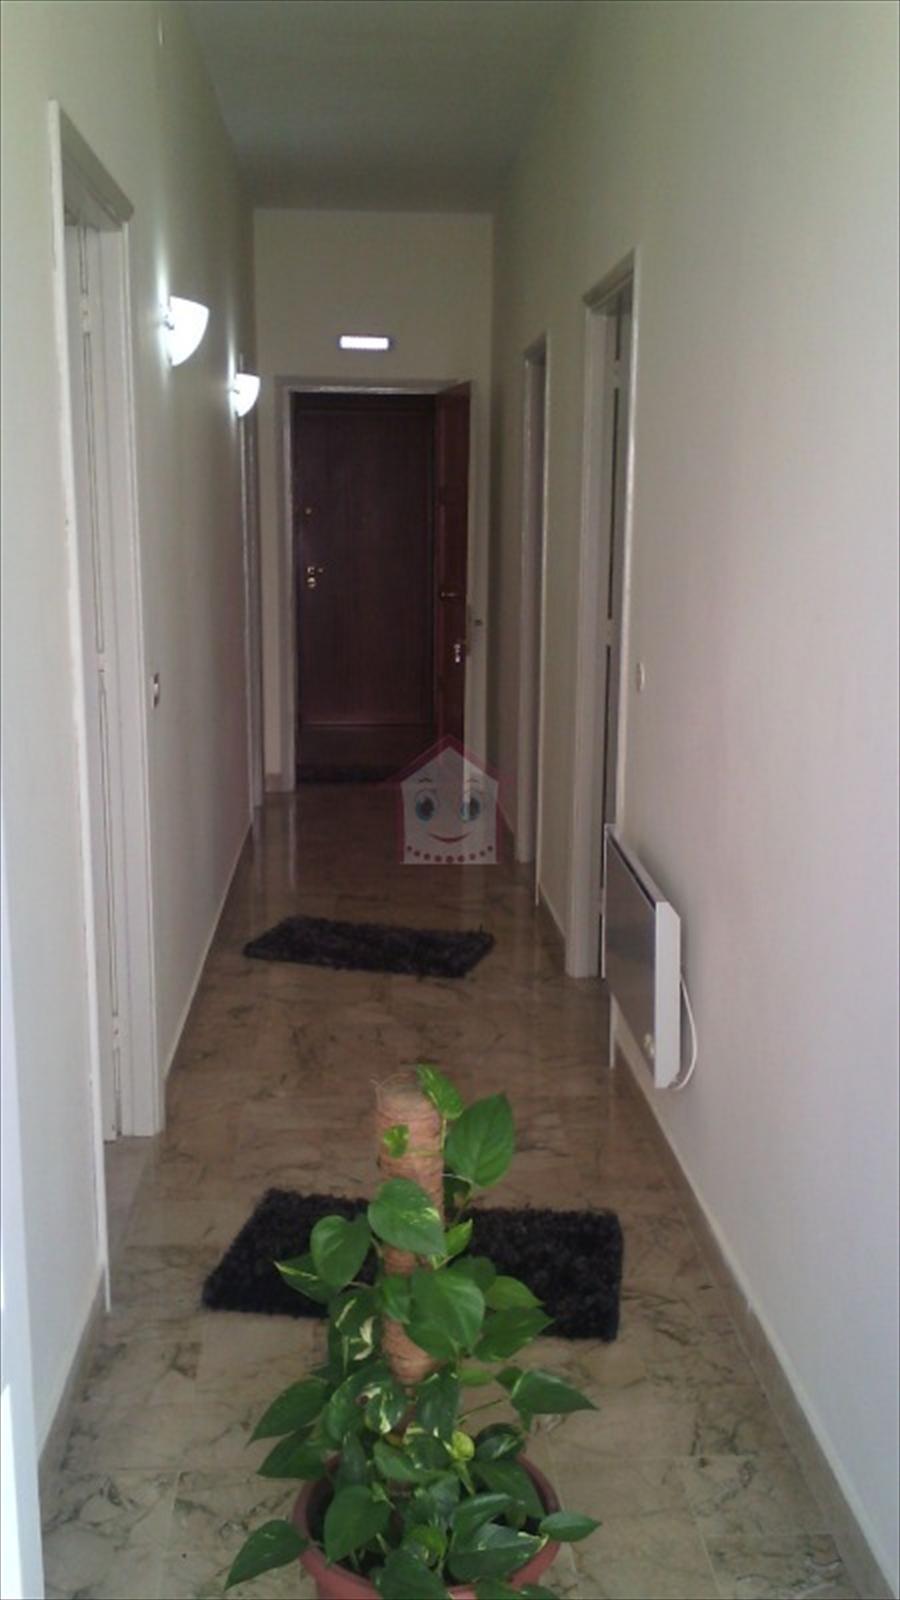 Appartamento in vendita a Trapani, 3 locali, prezzo € 82.000 | CambioCasa.it